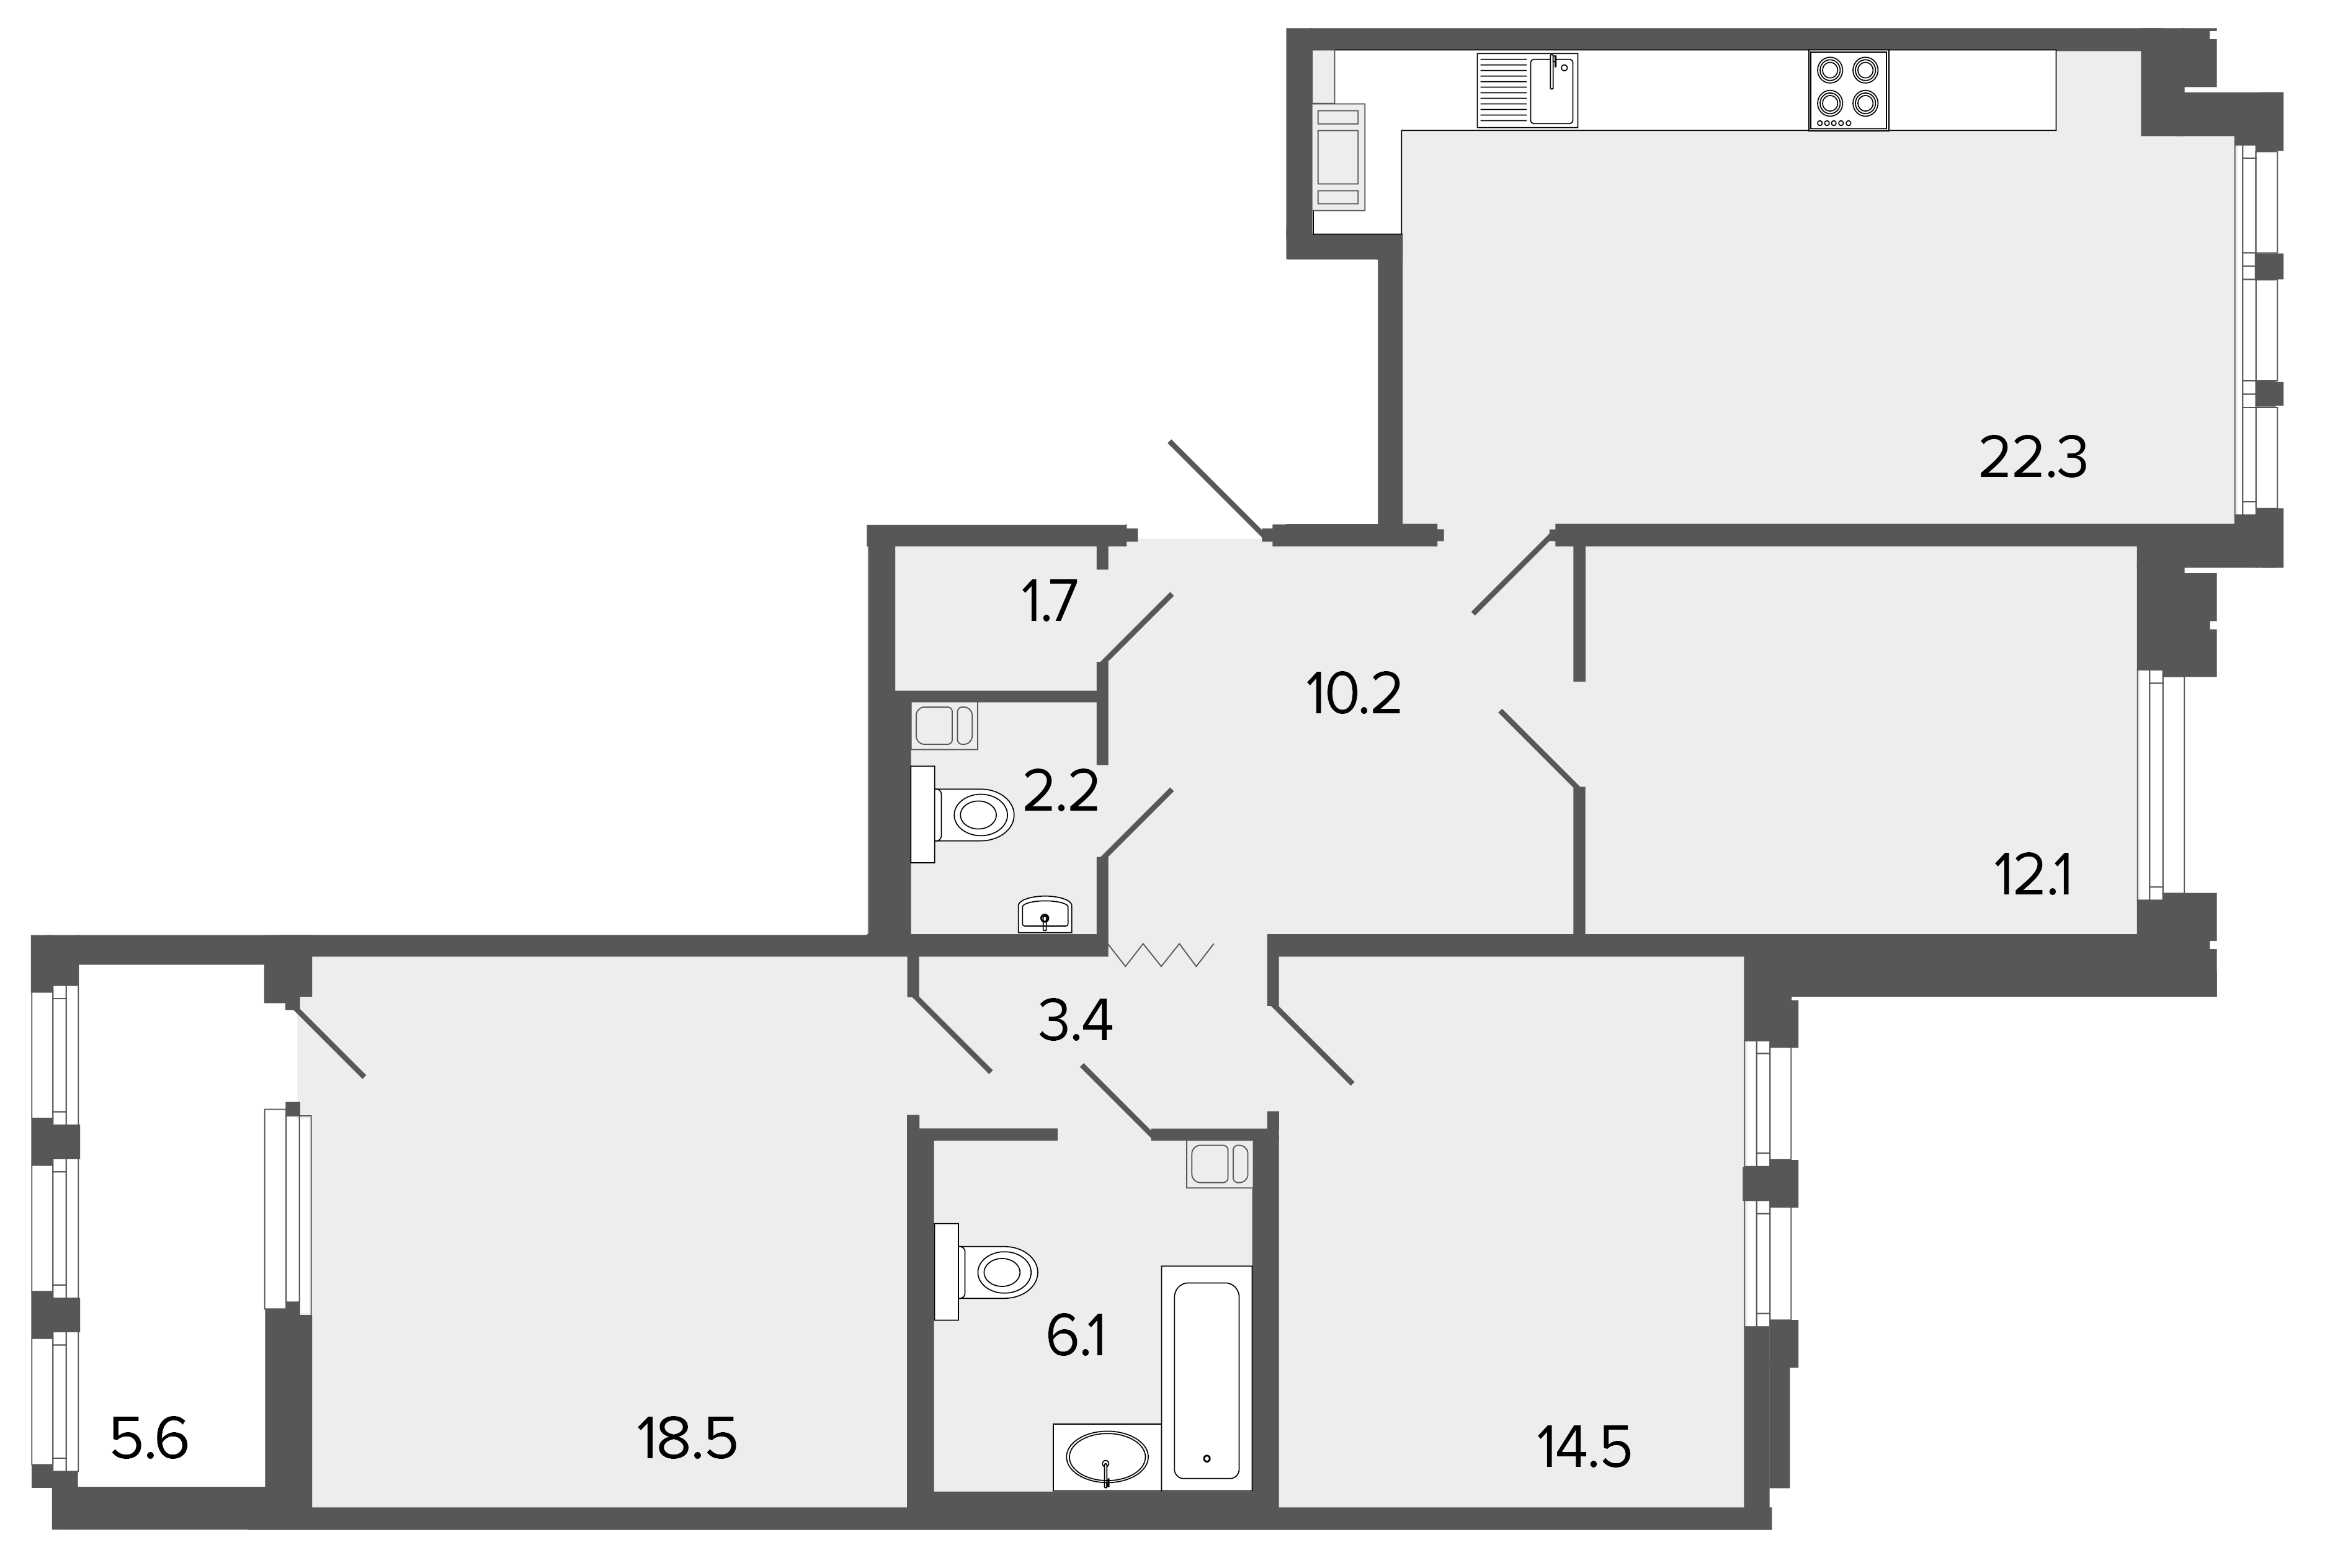 3-комнатная квартира №26 в: Созидатели: 91 м²; этаж: 5 - купить в Санкт-Петербурге